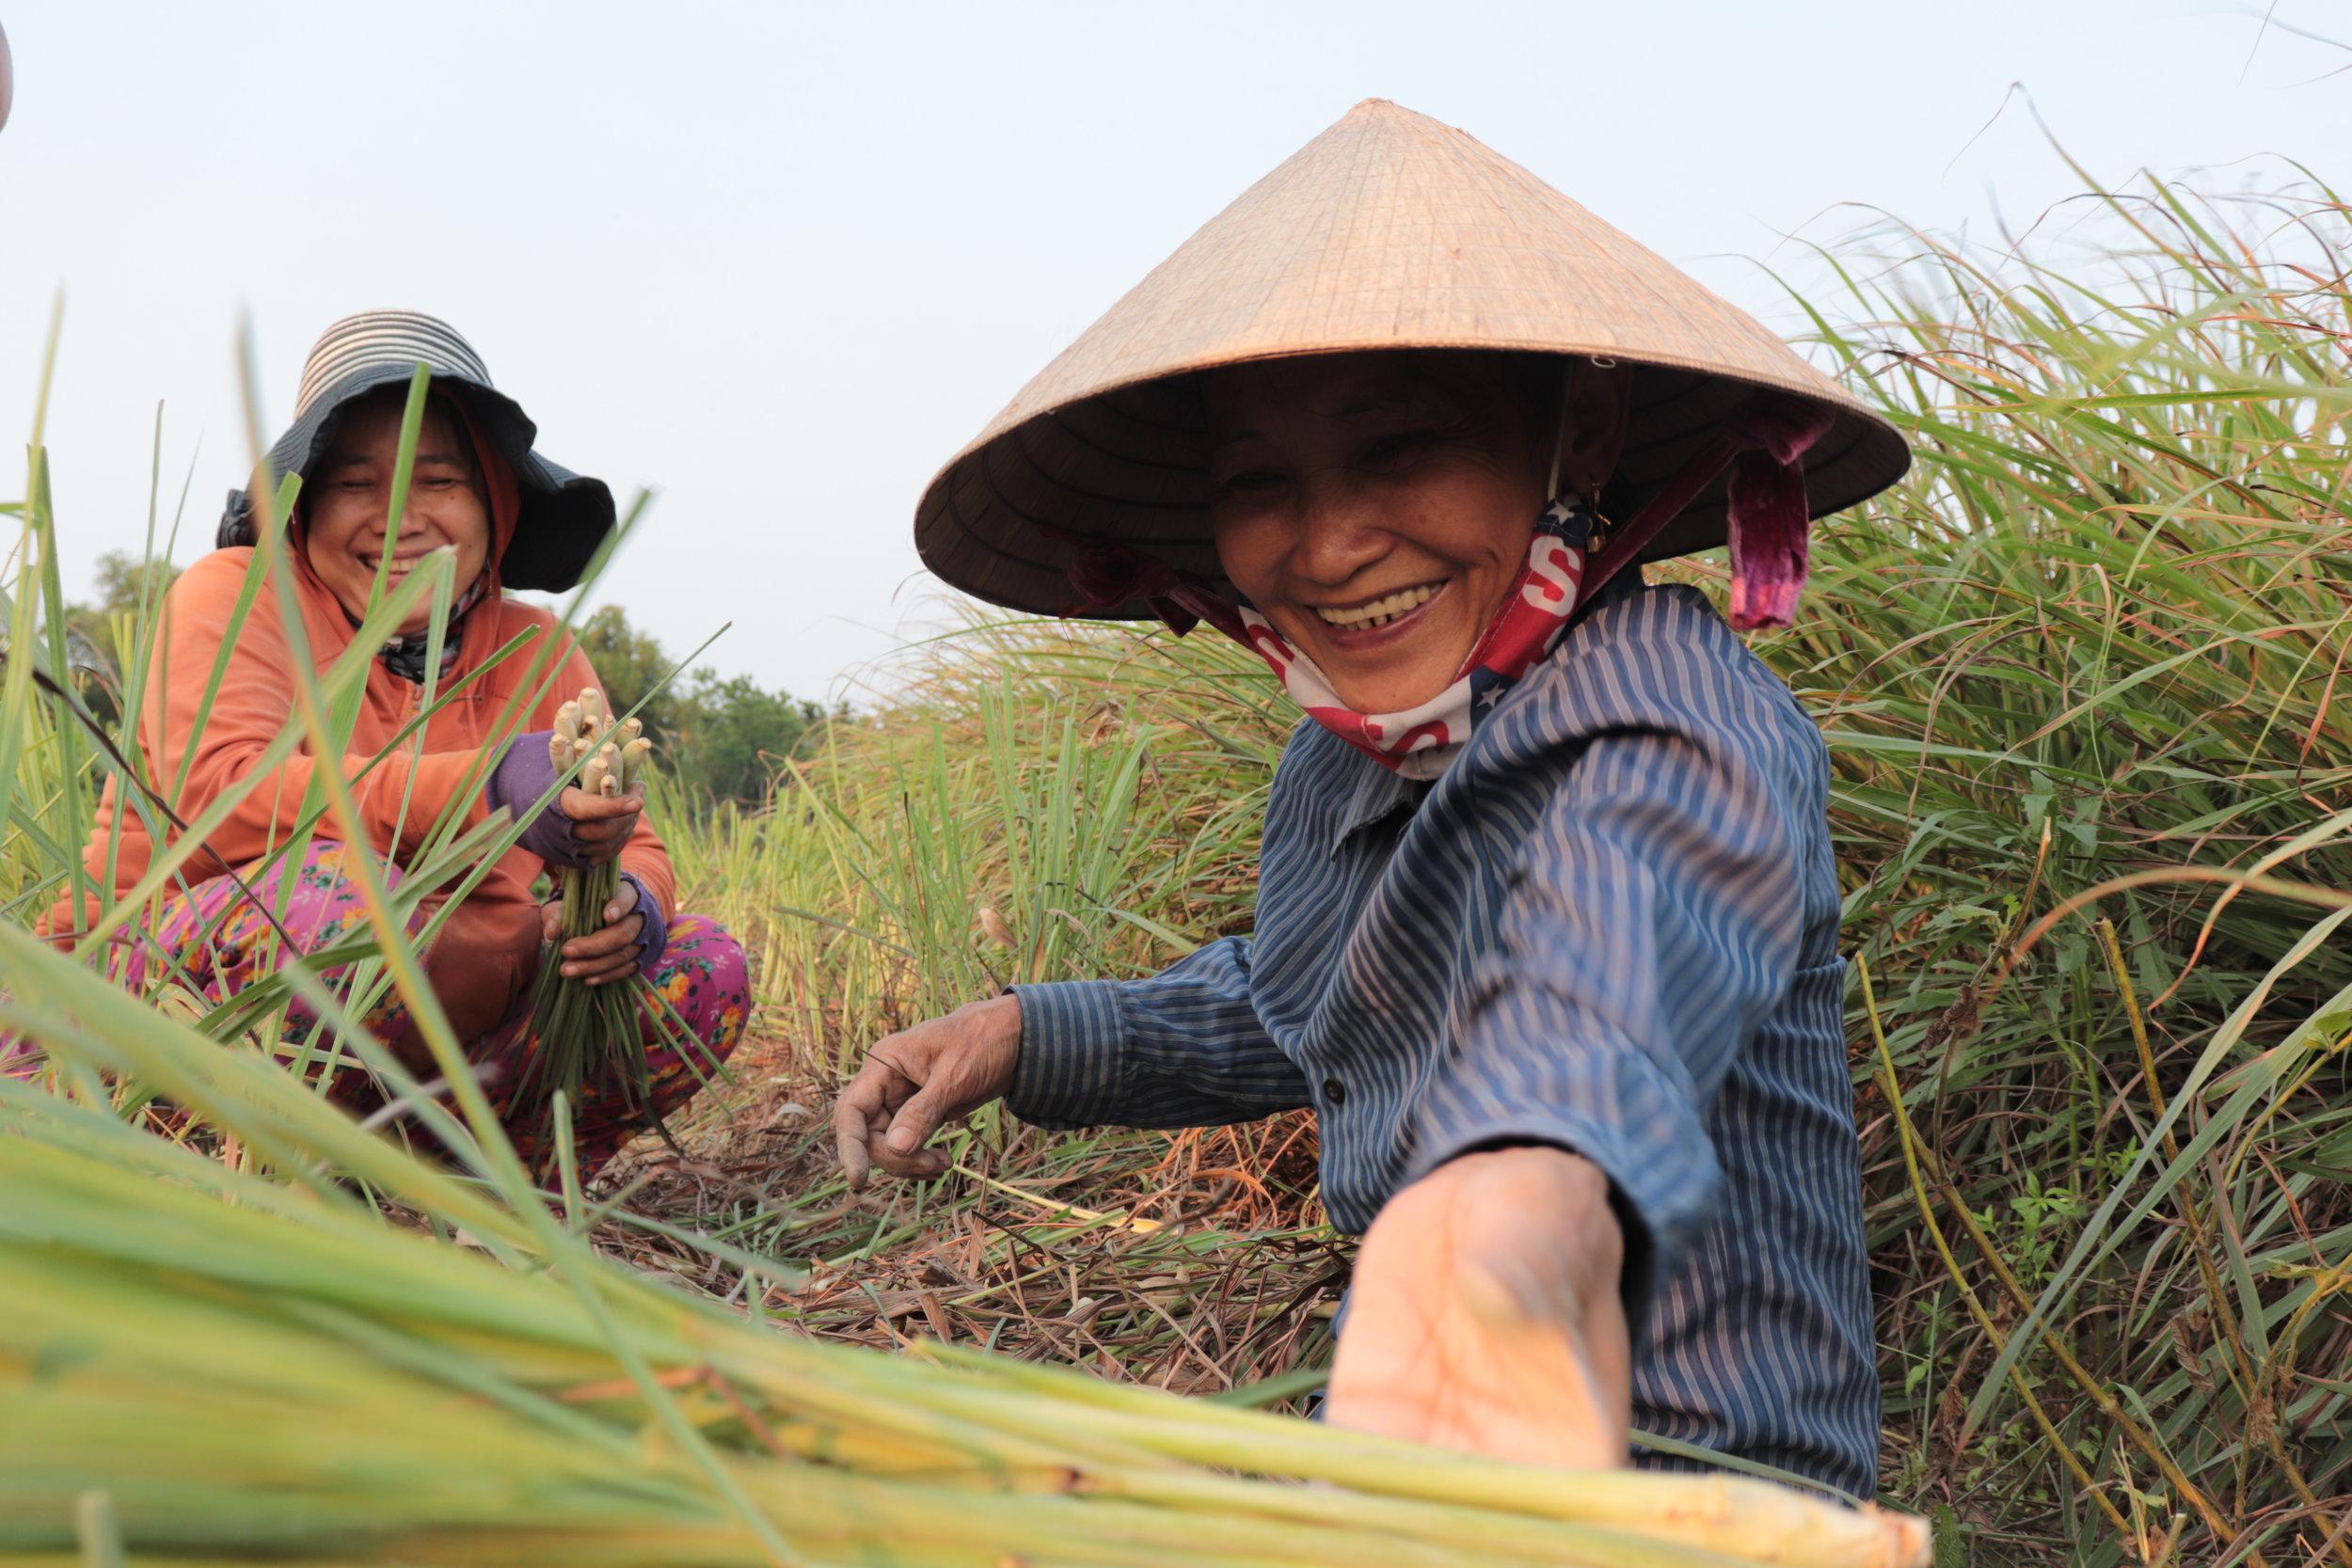 Hoi An - Beautiful Women working on Lemongrass Fields